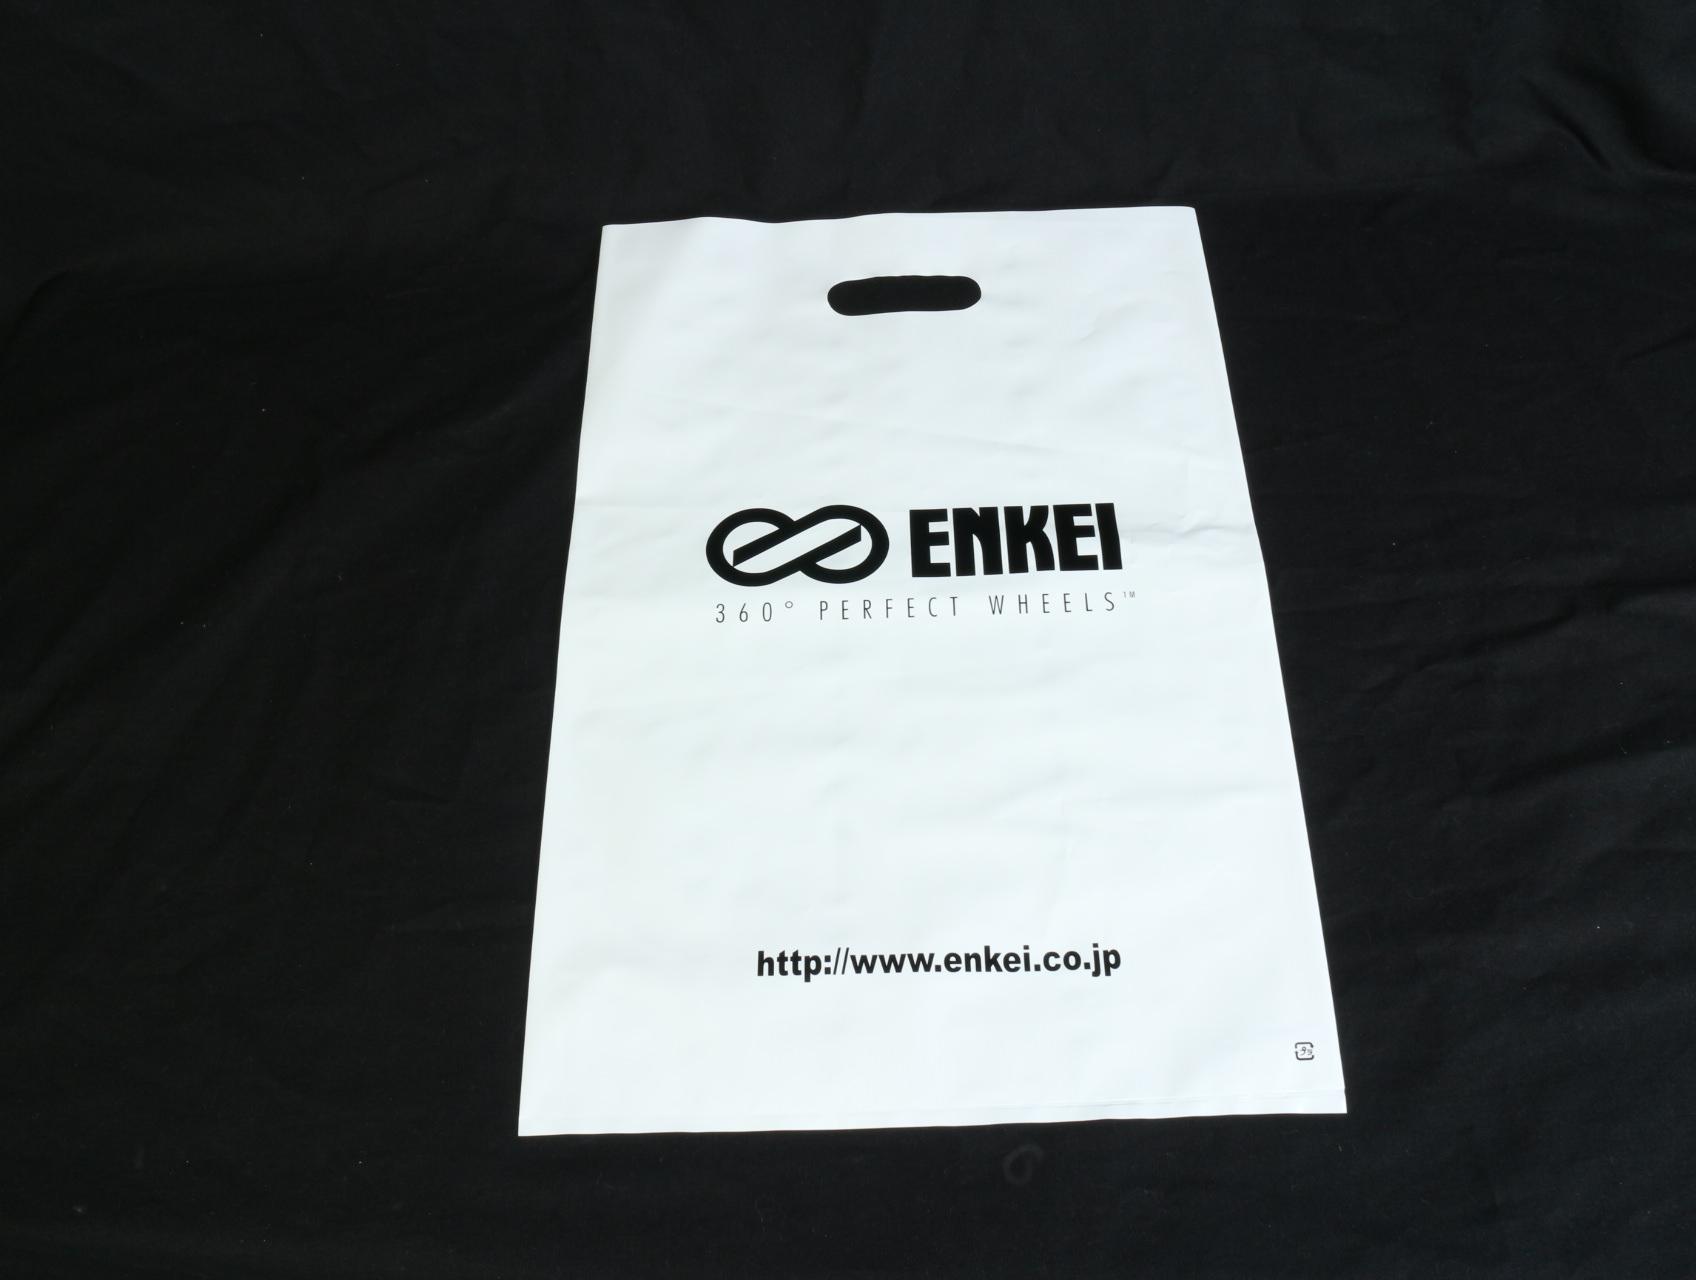 世界的に有名なアルミホイールメーカー様がご利用になられるイベント用ポリ袋